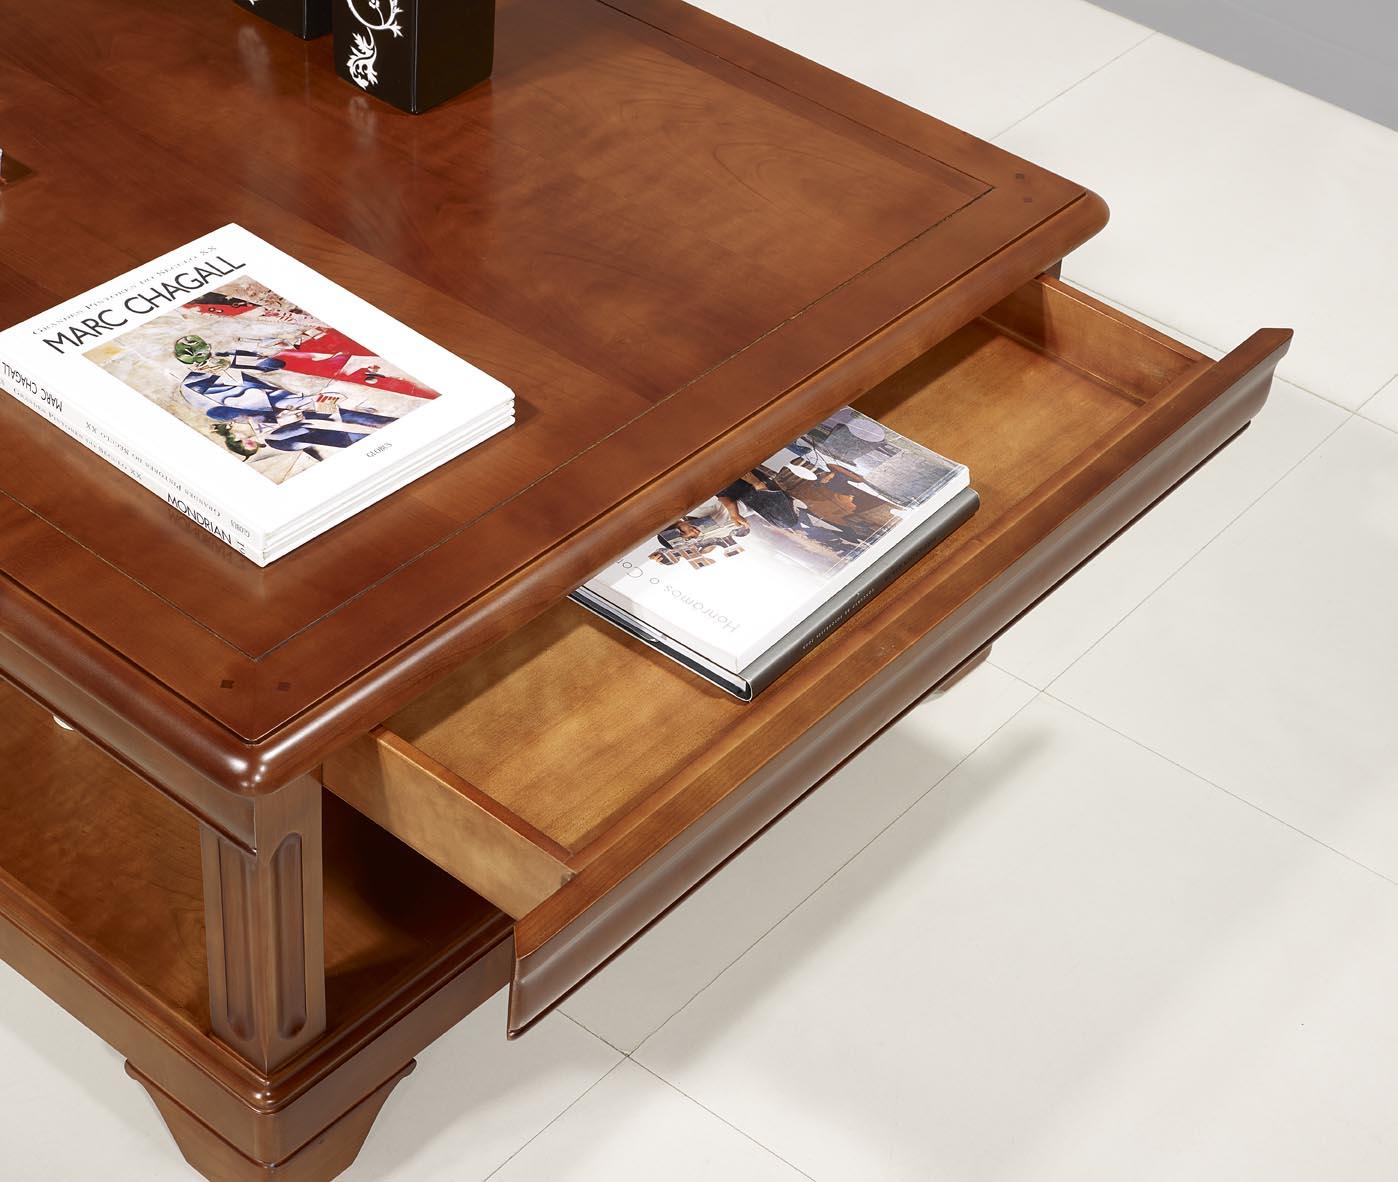 Basse Louis Table De Merisier PhilippeMeuble Carrée En Style wliuTPkXOZ